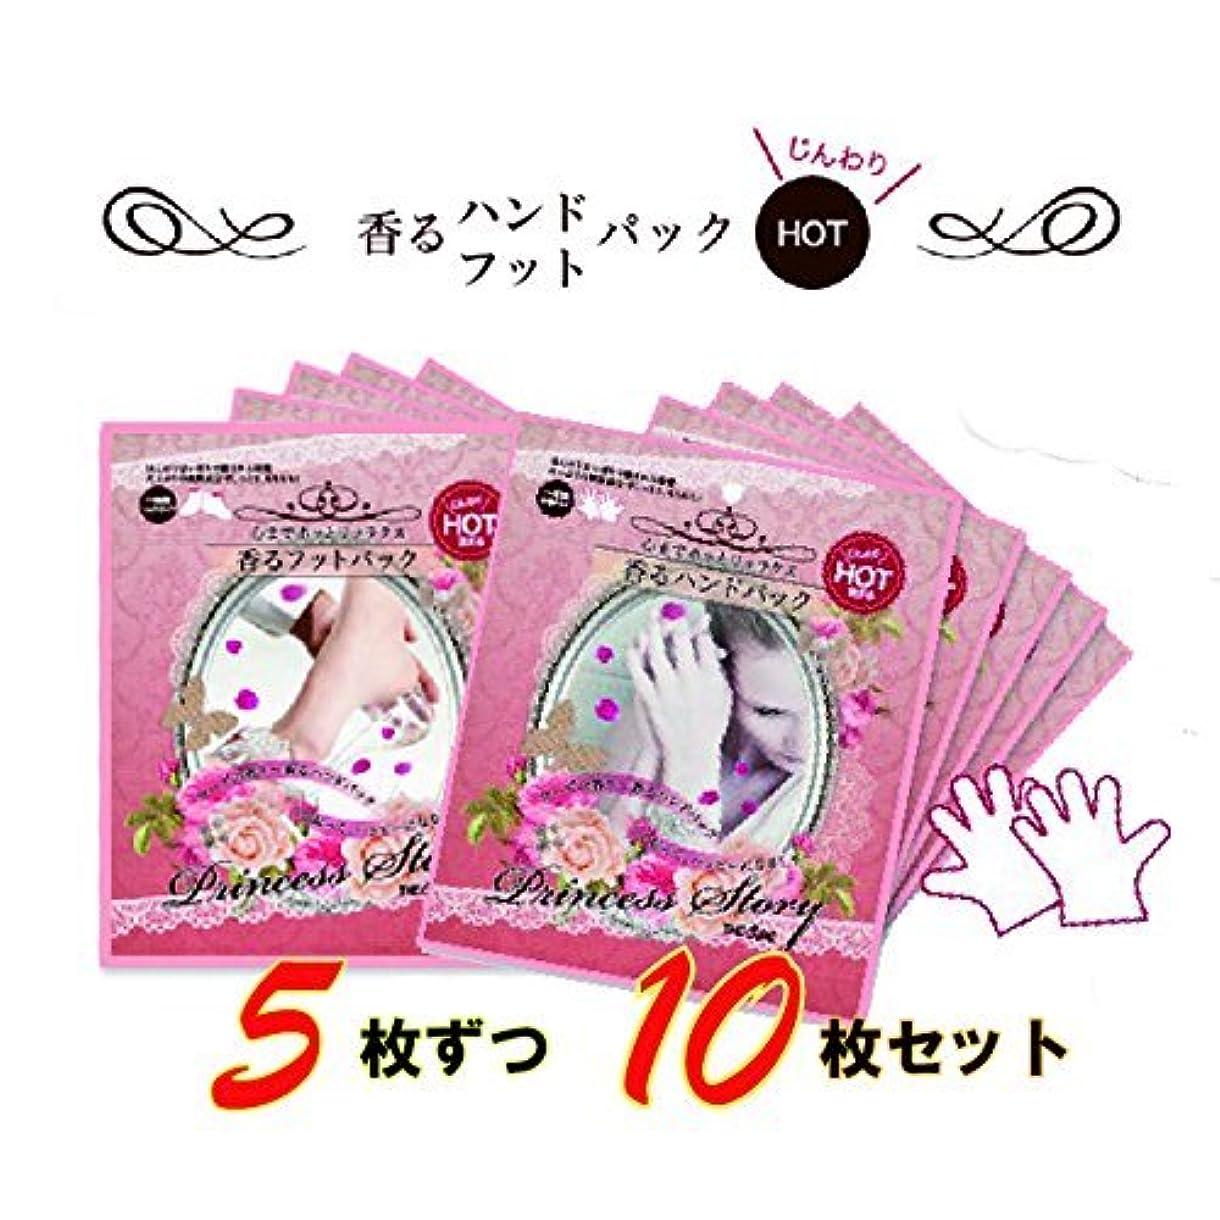 電卓数学者明示的に香るハンド &フットパック HOT キュア プリンセス ストーリーTHE CURE 5枚ずつ10枚セット